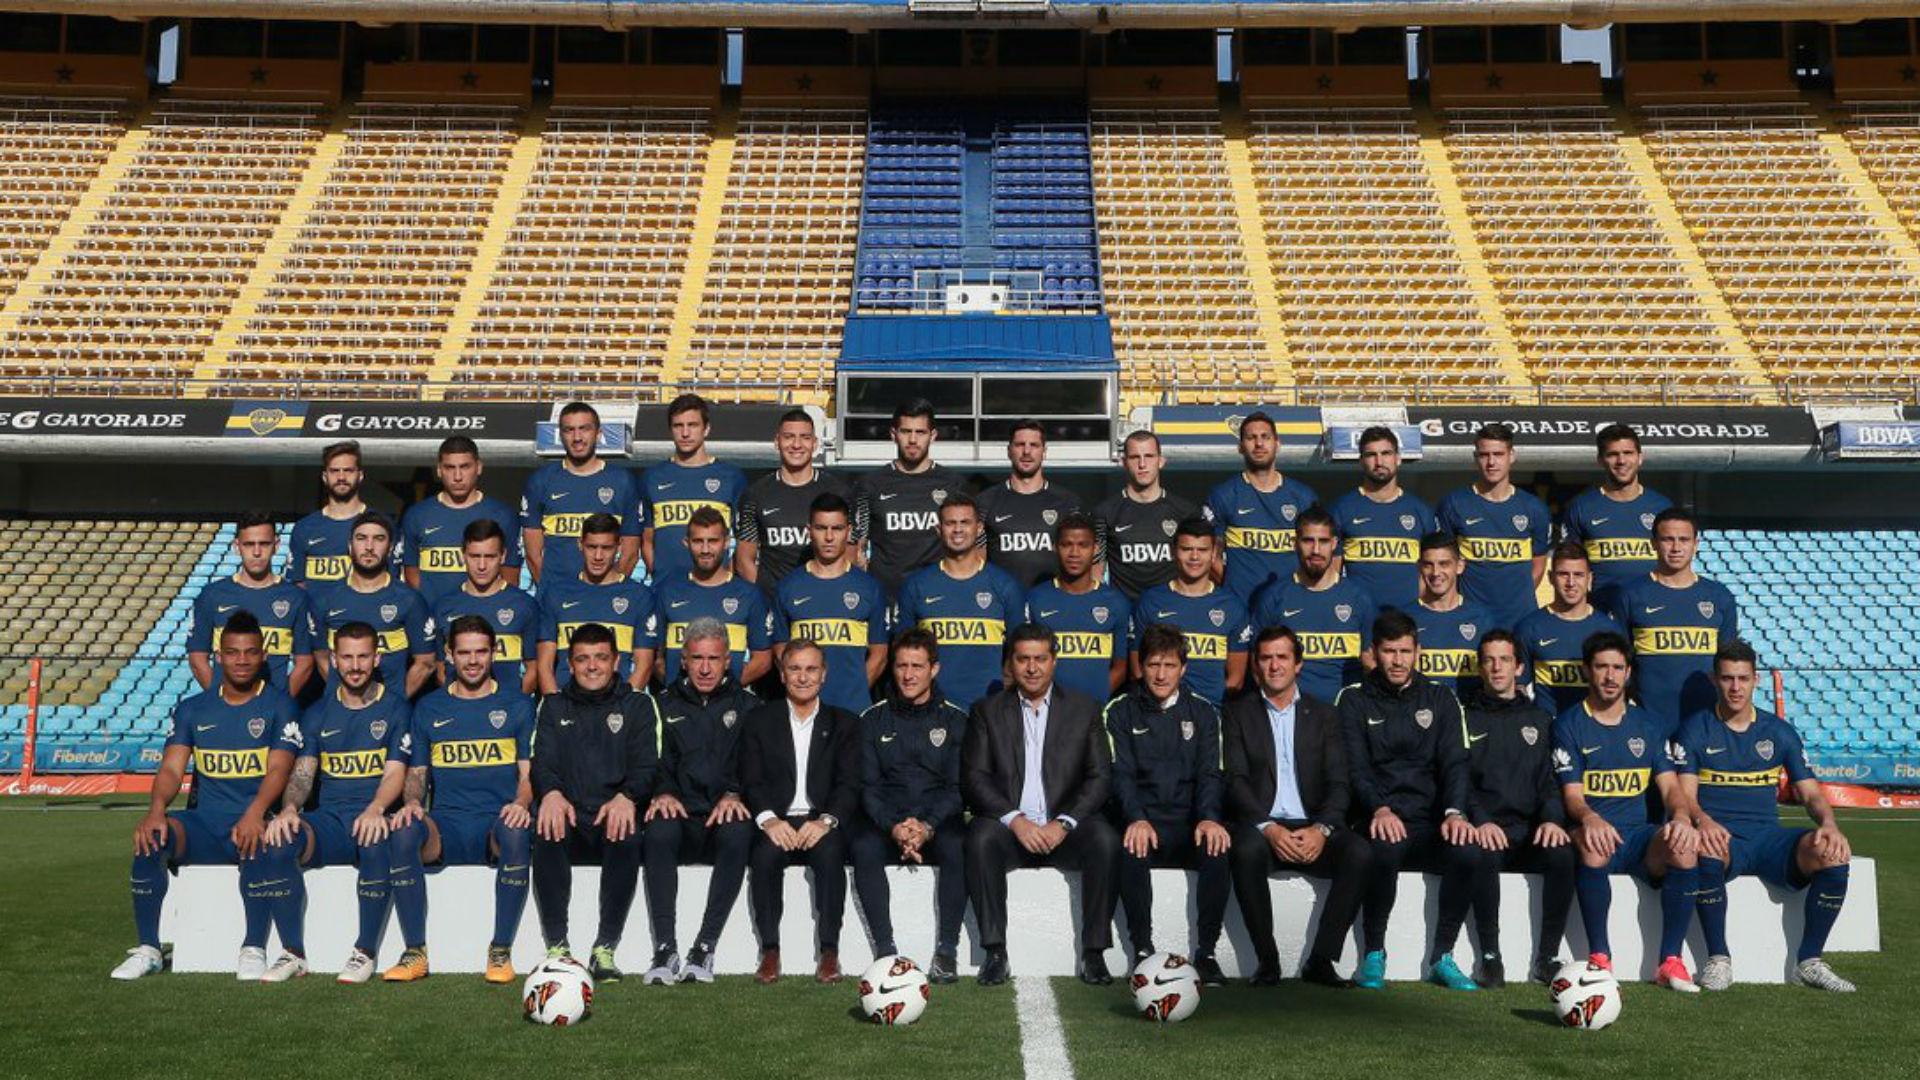 Plantel Boca Juniors 2017